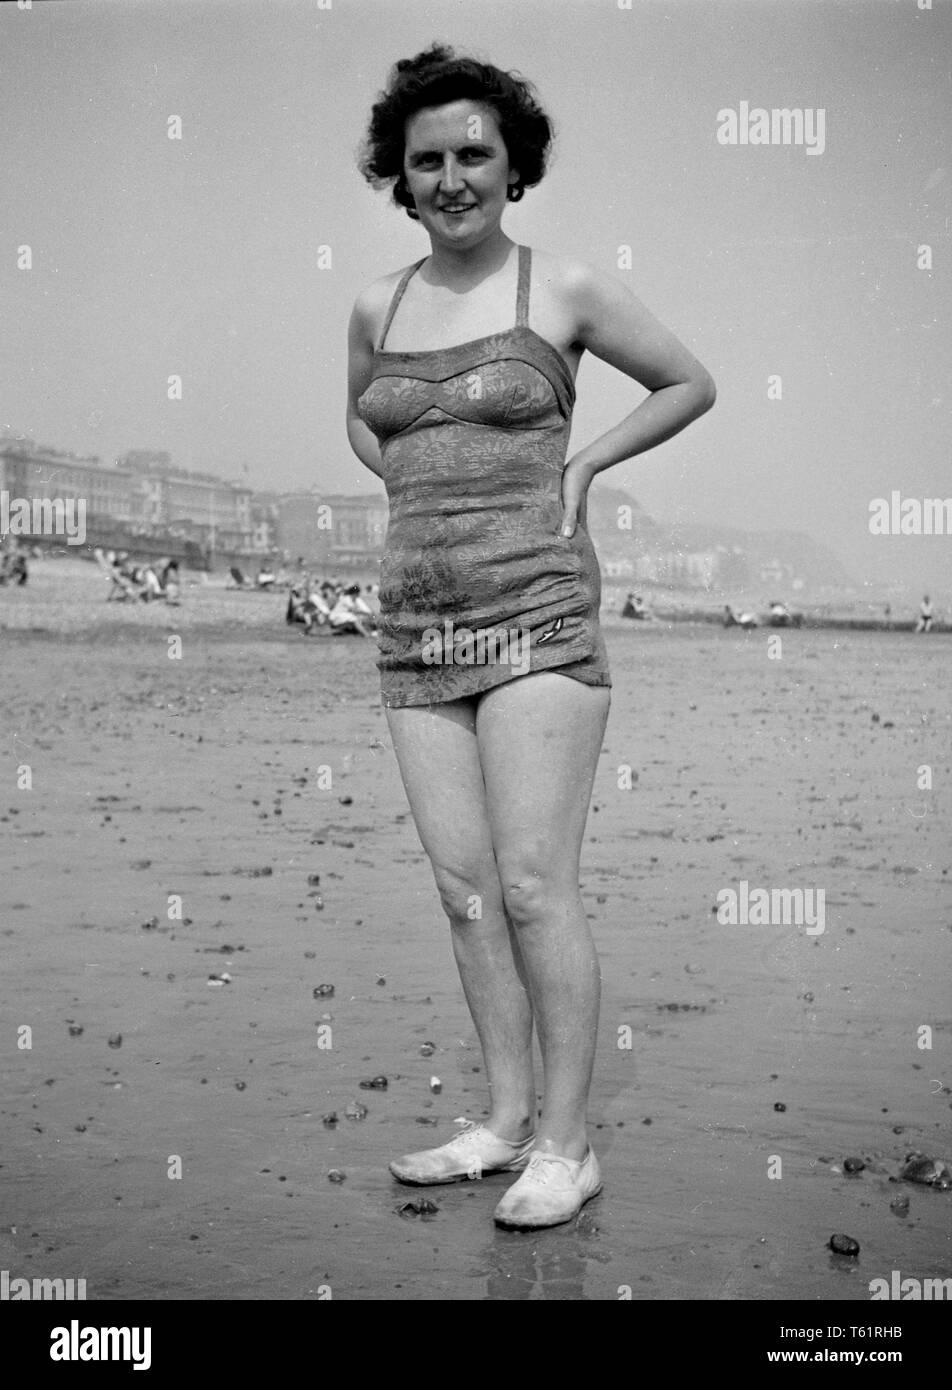 Pics amateur nudity Archives